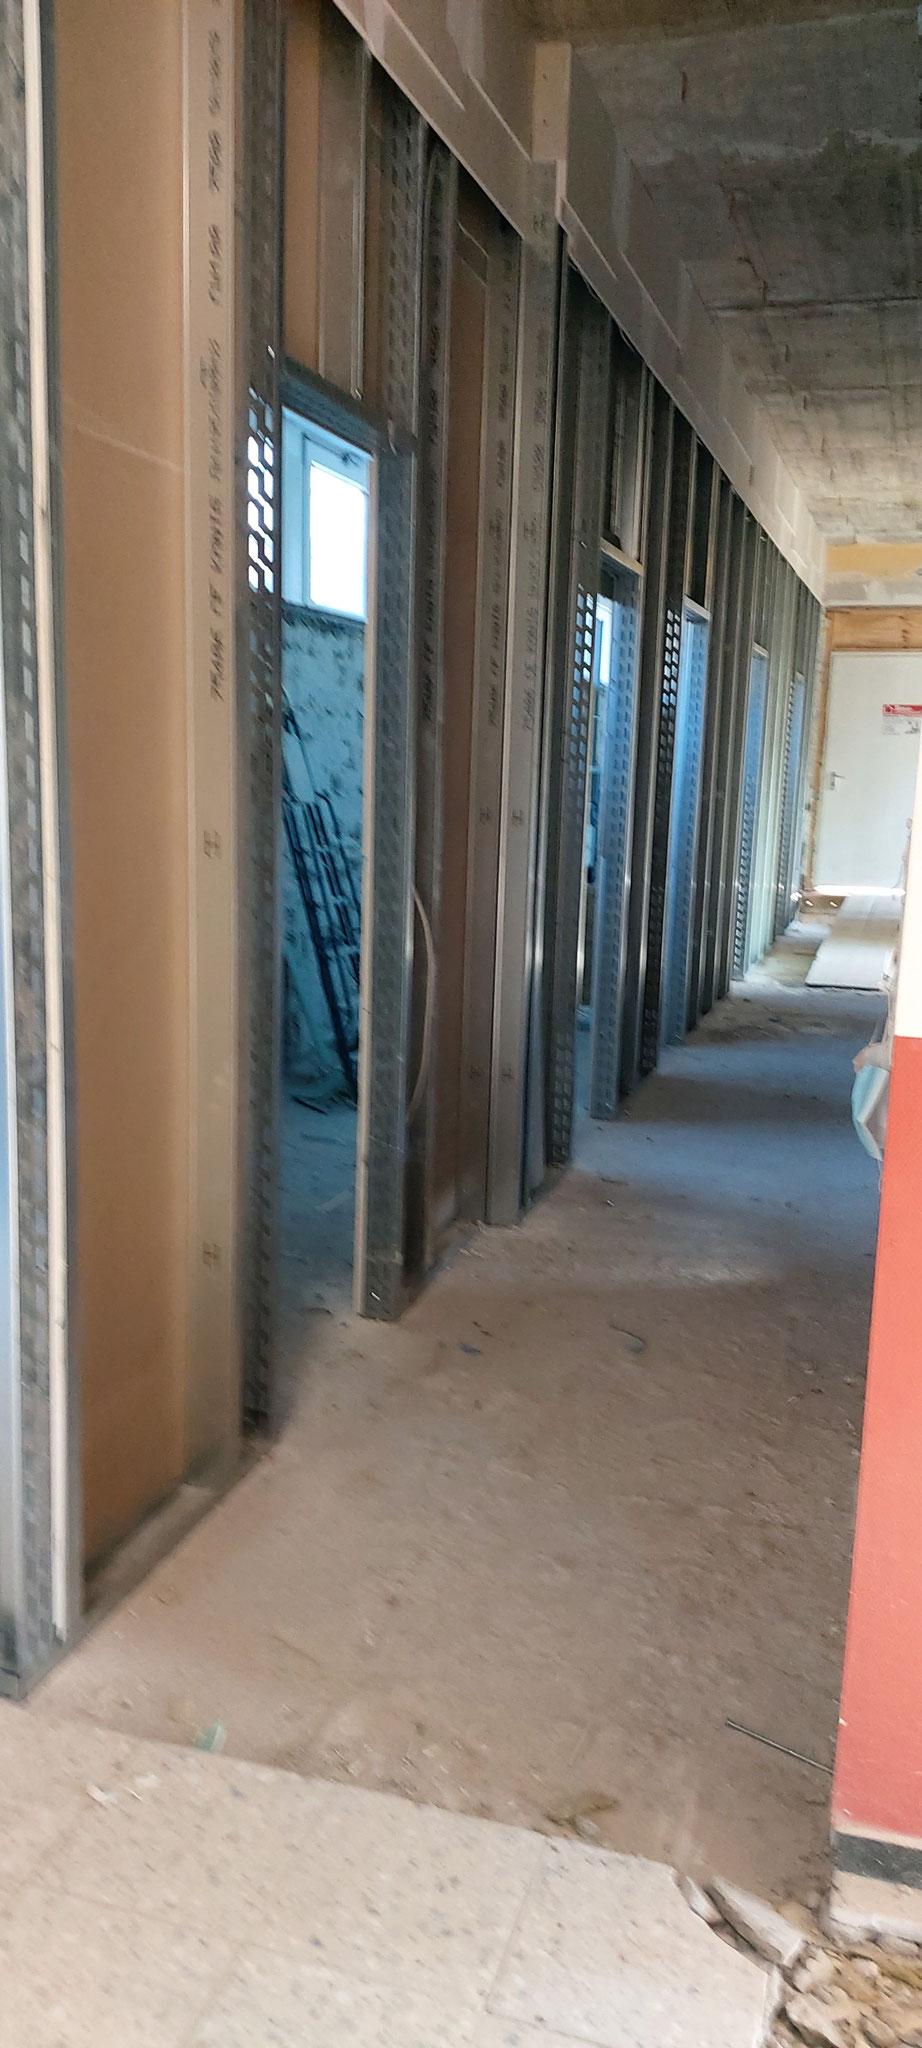 Abstellräume + ToilettenRäume